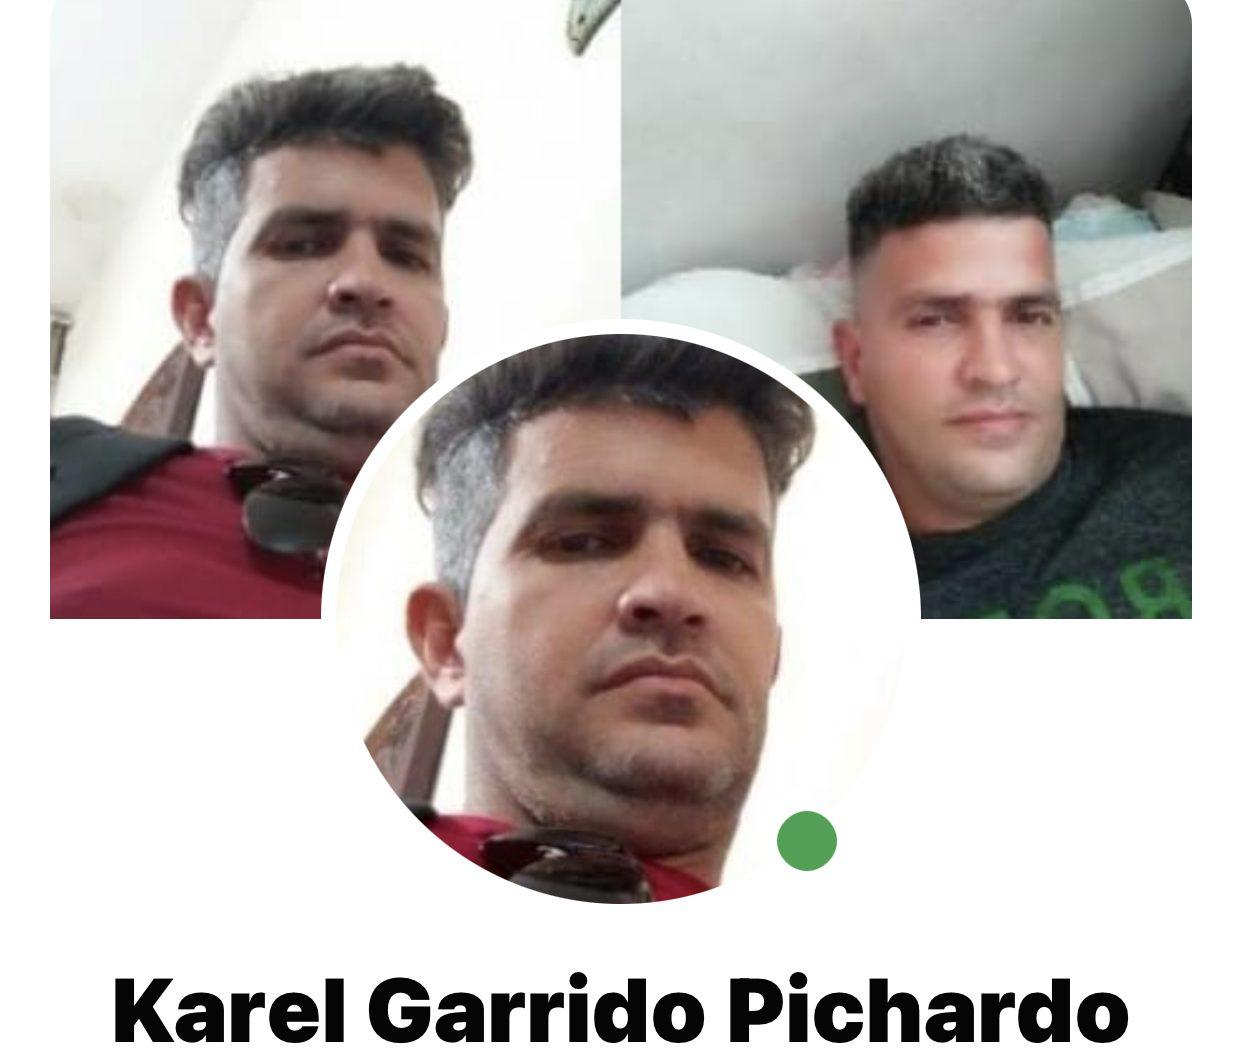 Karel Garrido Pichardo